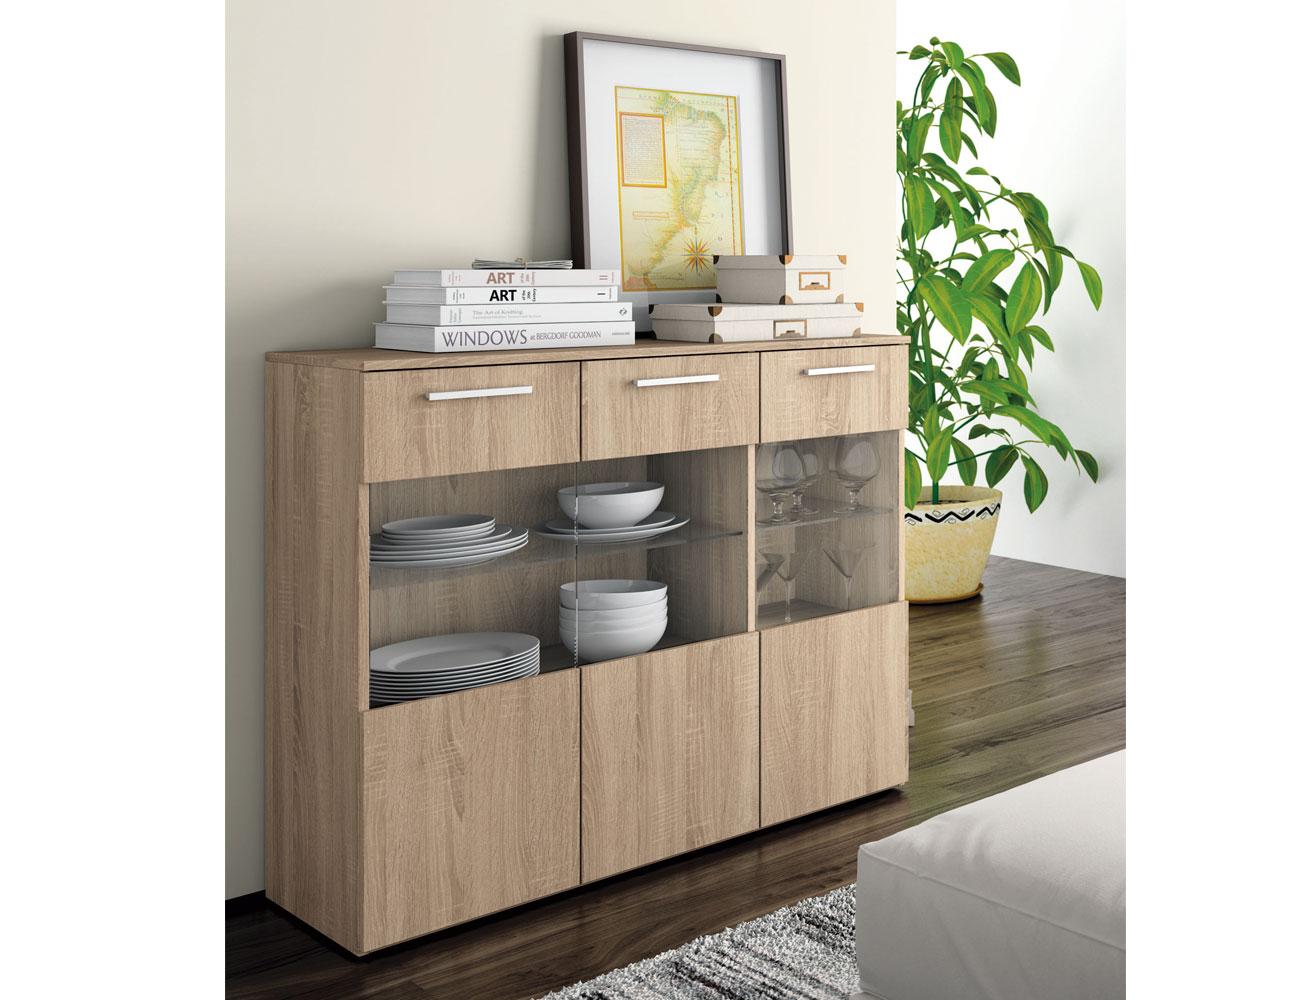 Mueble salon moderno aparador cambrian 4182